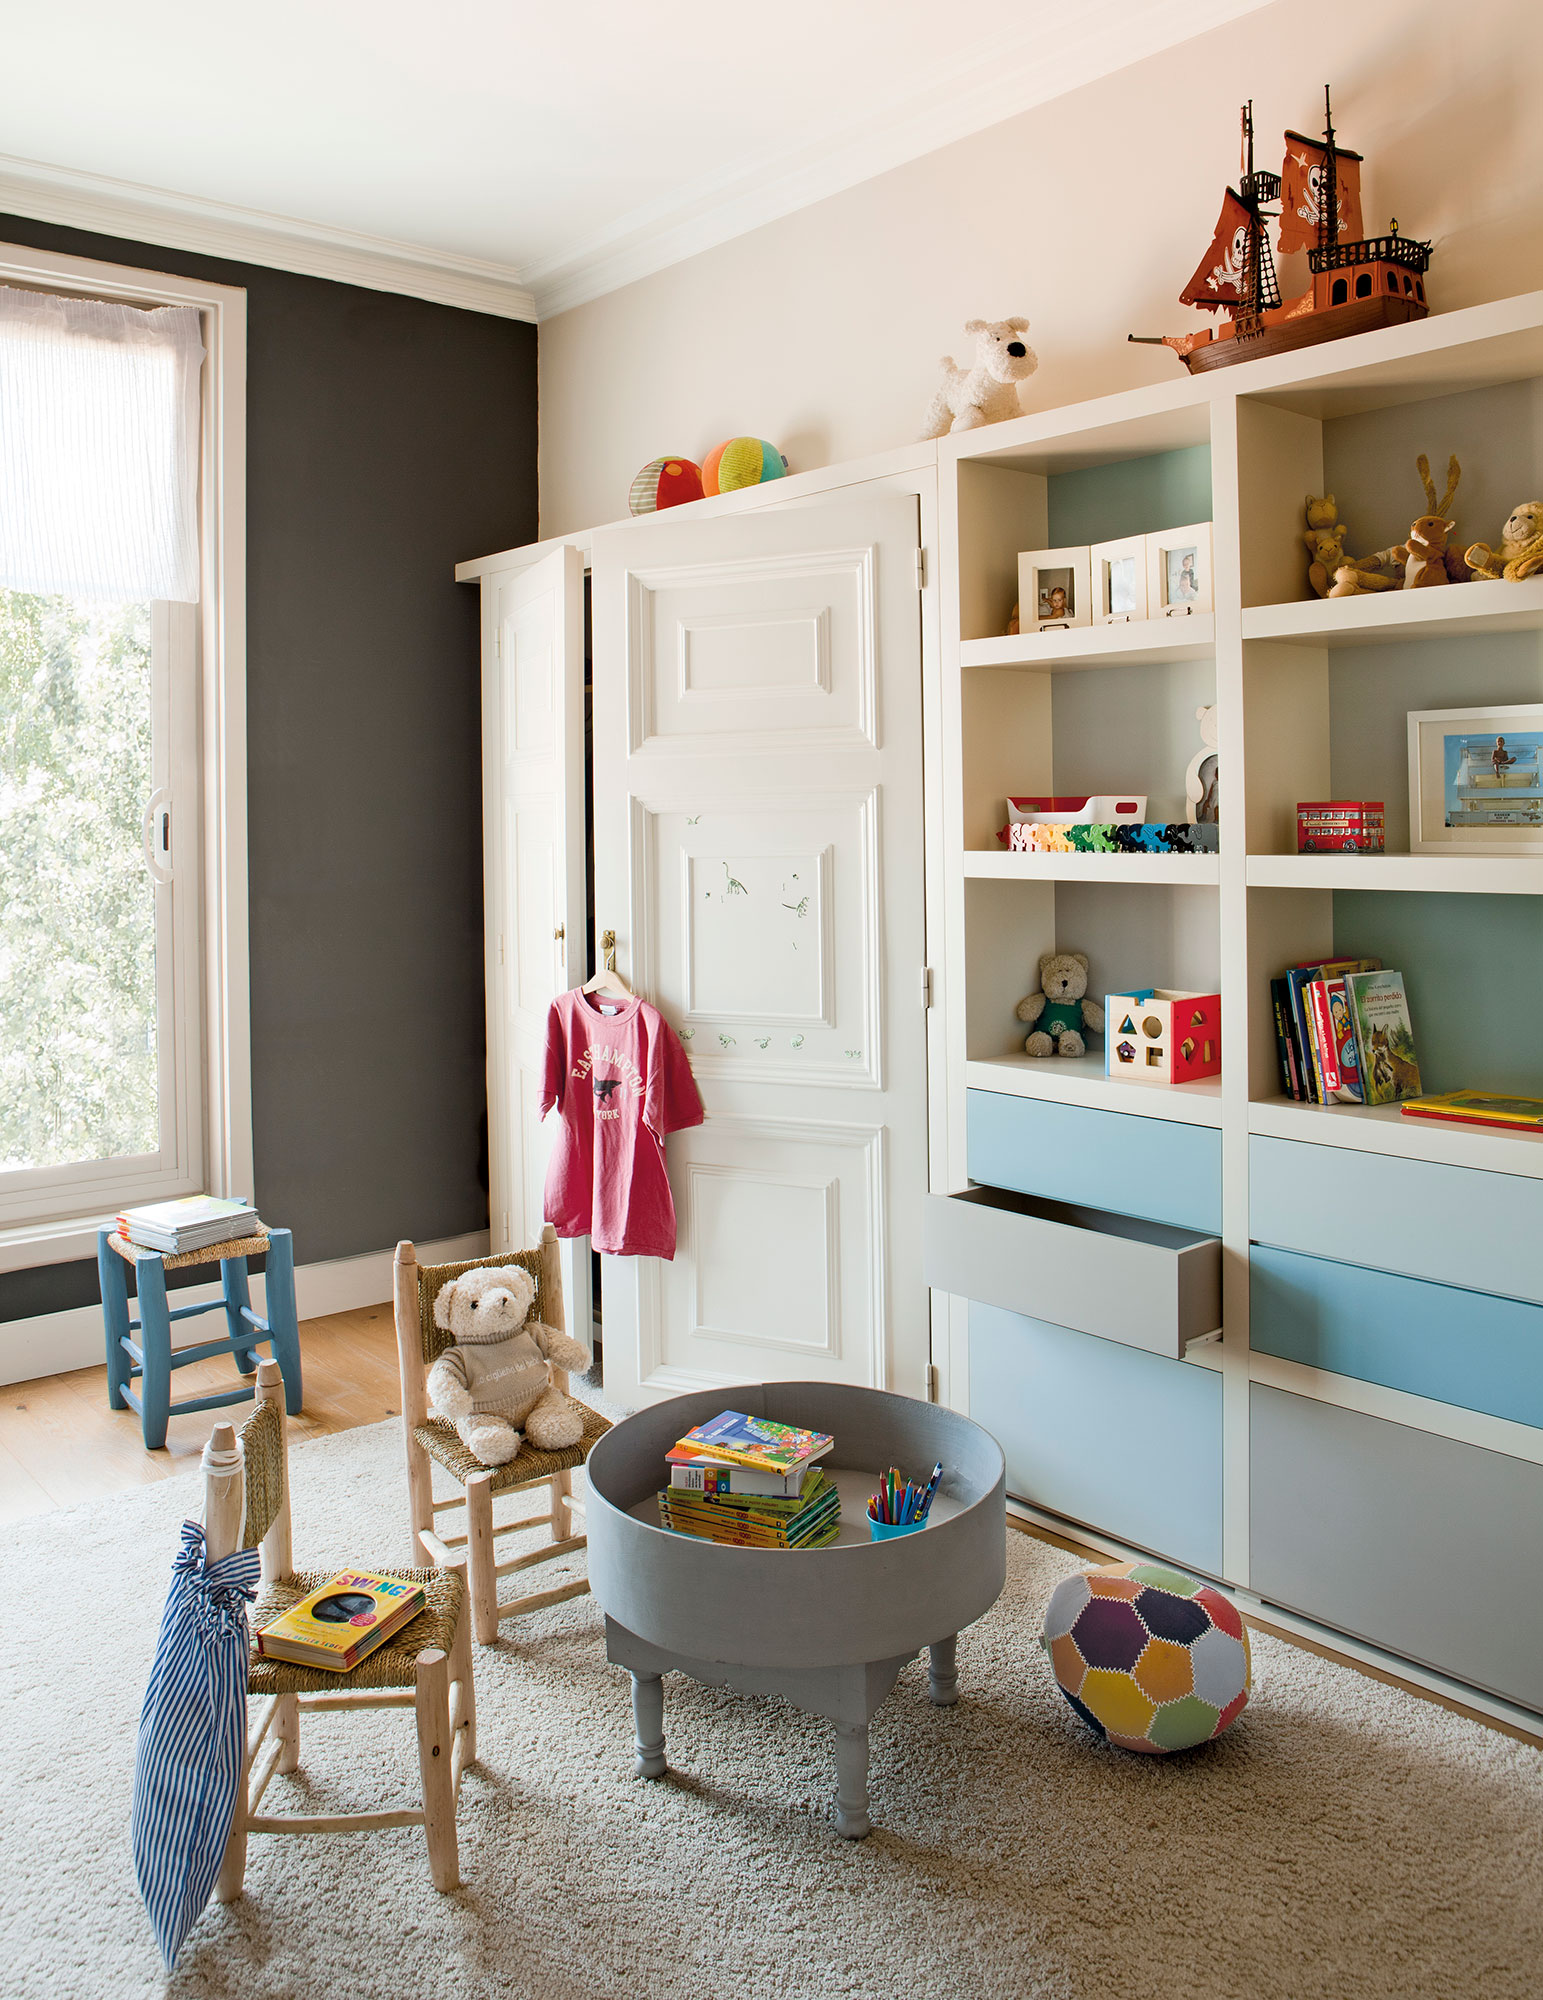 Soluciones para ordenar y guardar los juguetes - Mueble para guardar juguetes ...